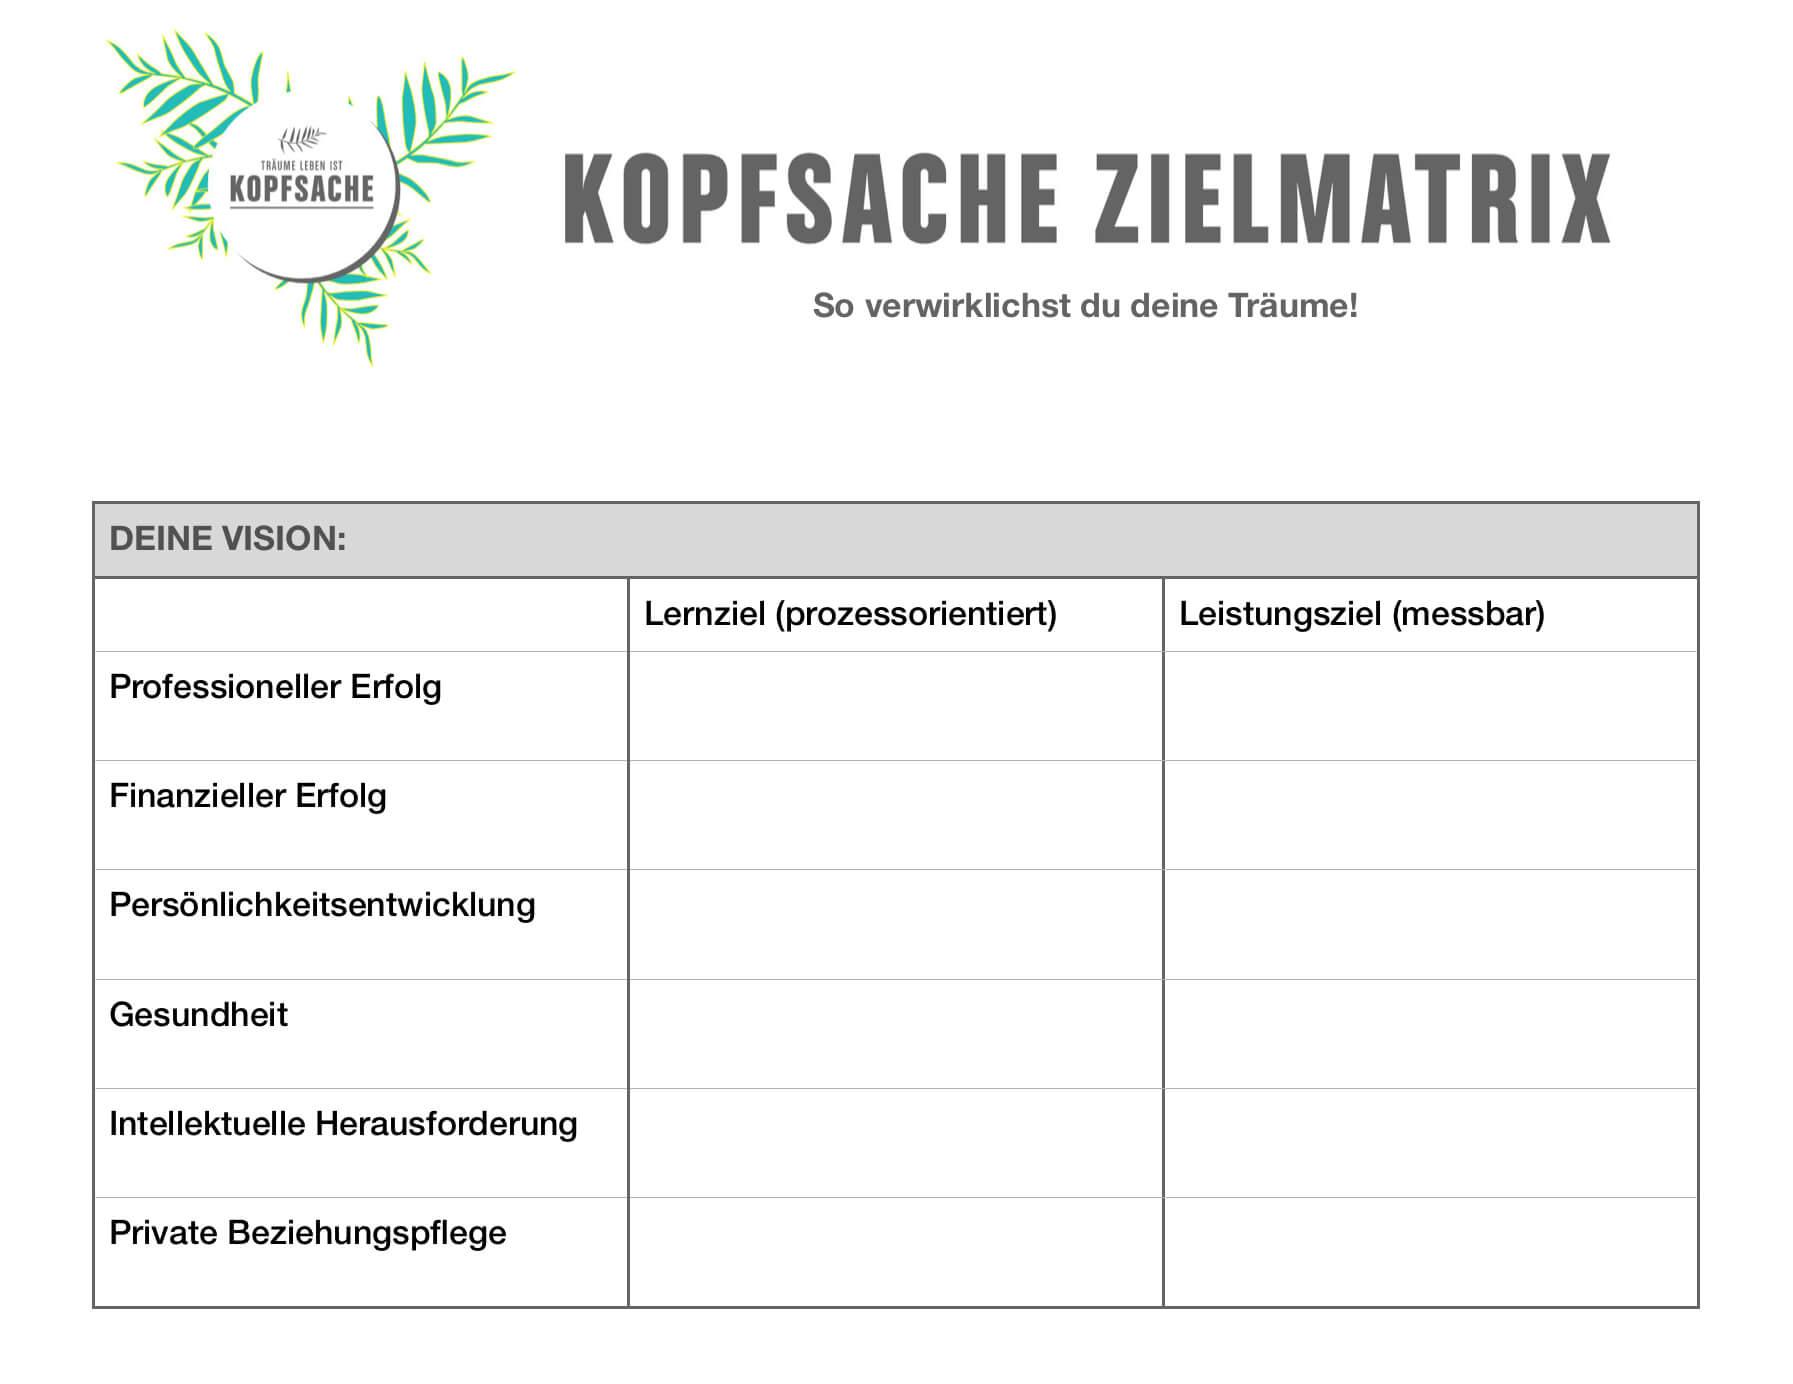 Abbildung der KOPFSACHE Zielmatrix